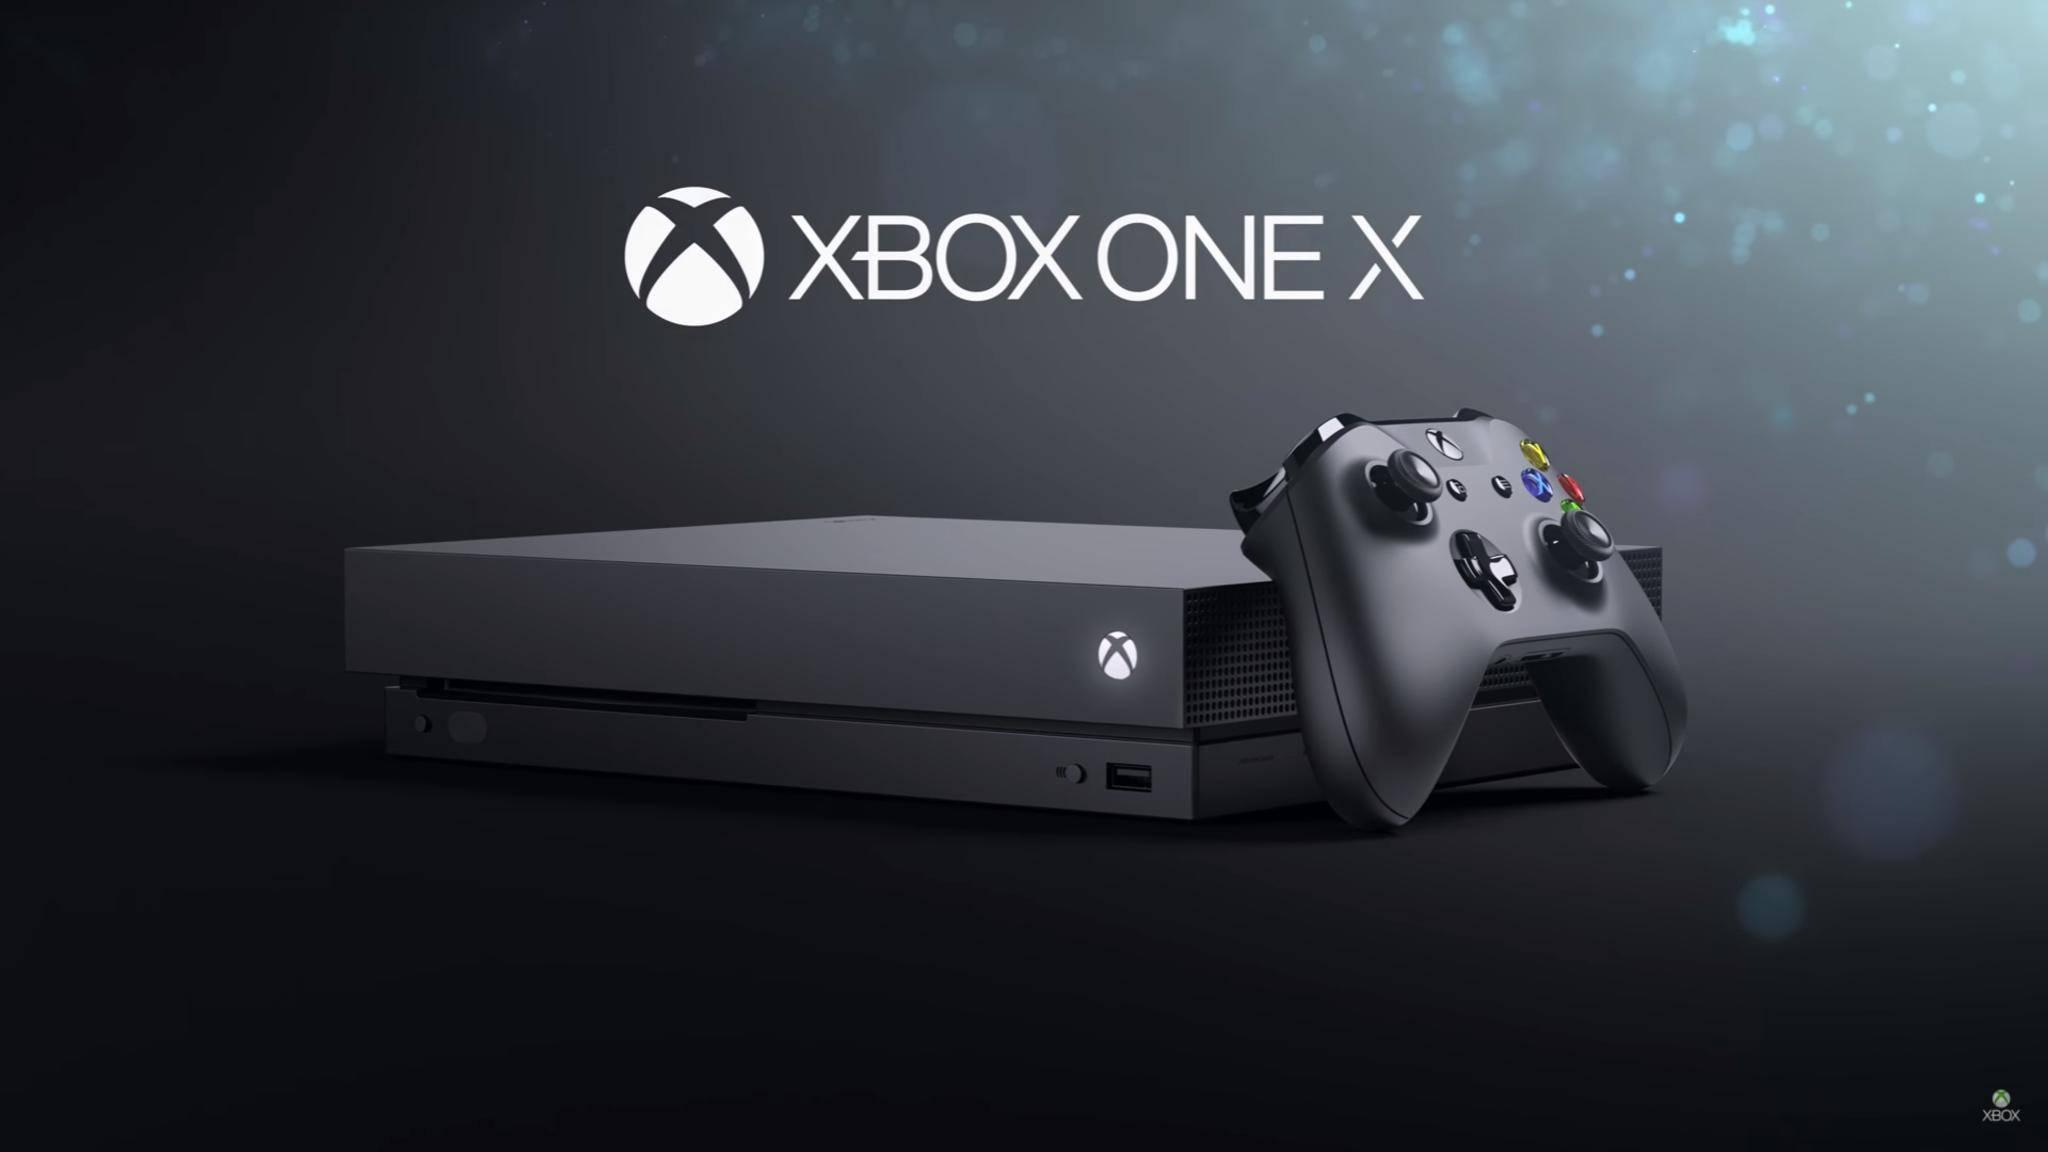 Mit Xbox All Access erhalten Gamer für 35 Dollar pro Monat eine Xbox One X, aber vorerst nur in den USA.